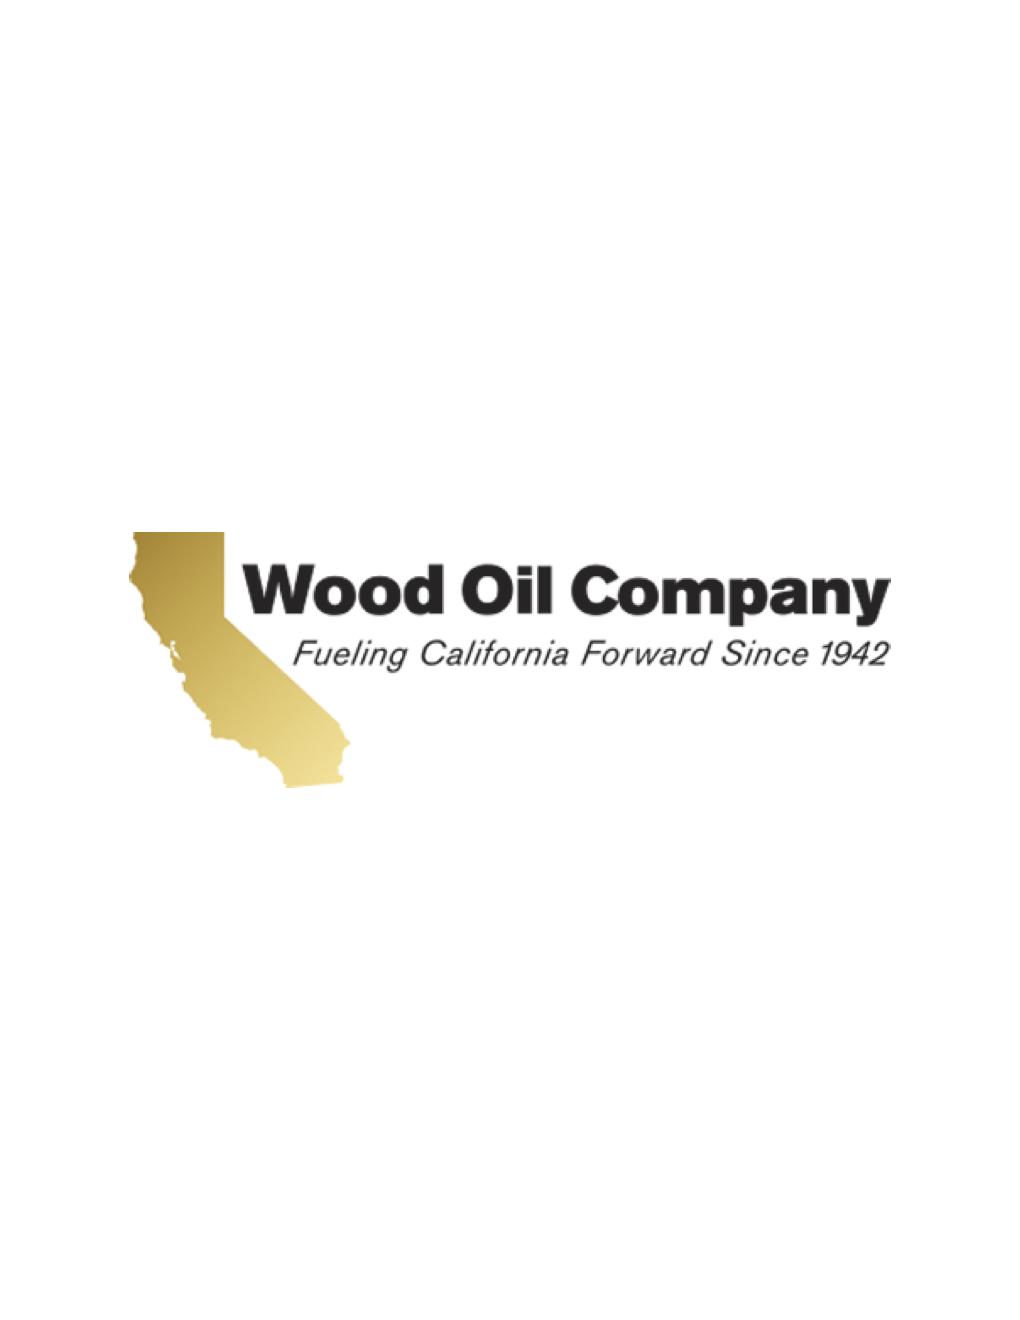 Wood Oil Company